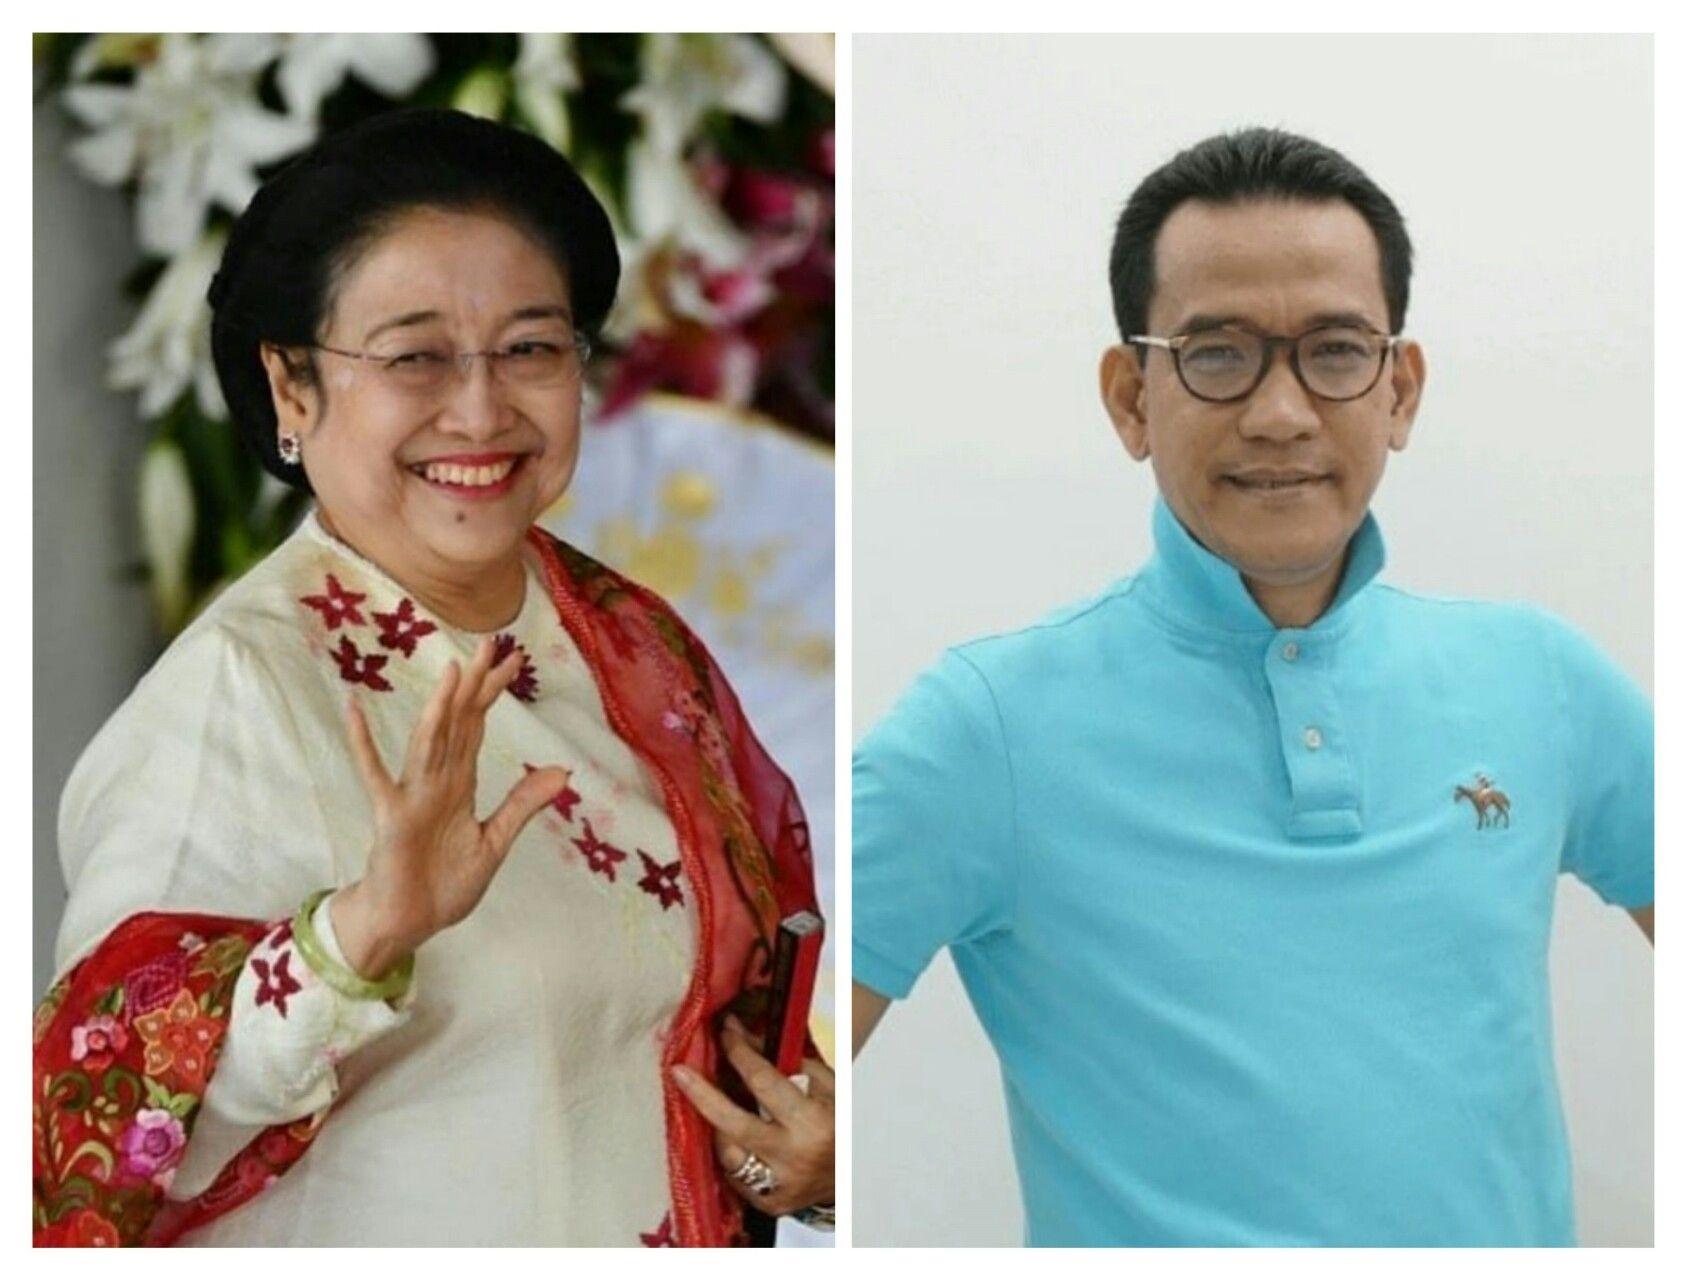 Megawati Sebut Manusia Sudah Ada yang Punya Menanggapi Isu Meninggal Dunia, Refly Harun: Religius Sekali